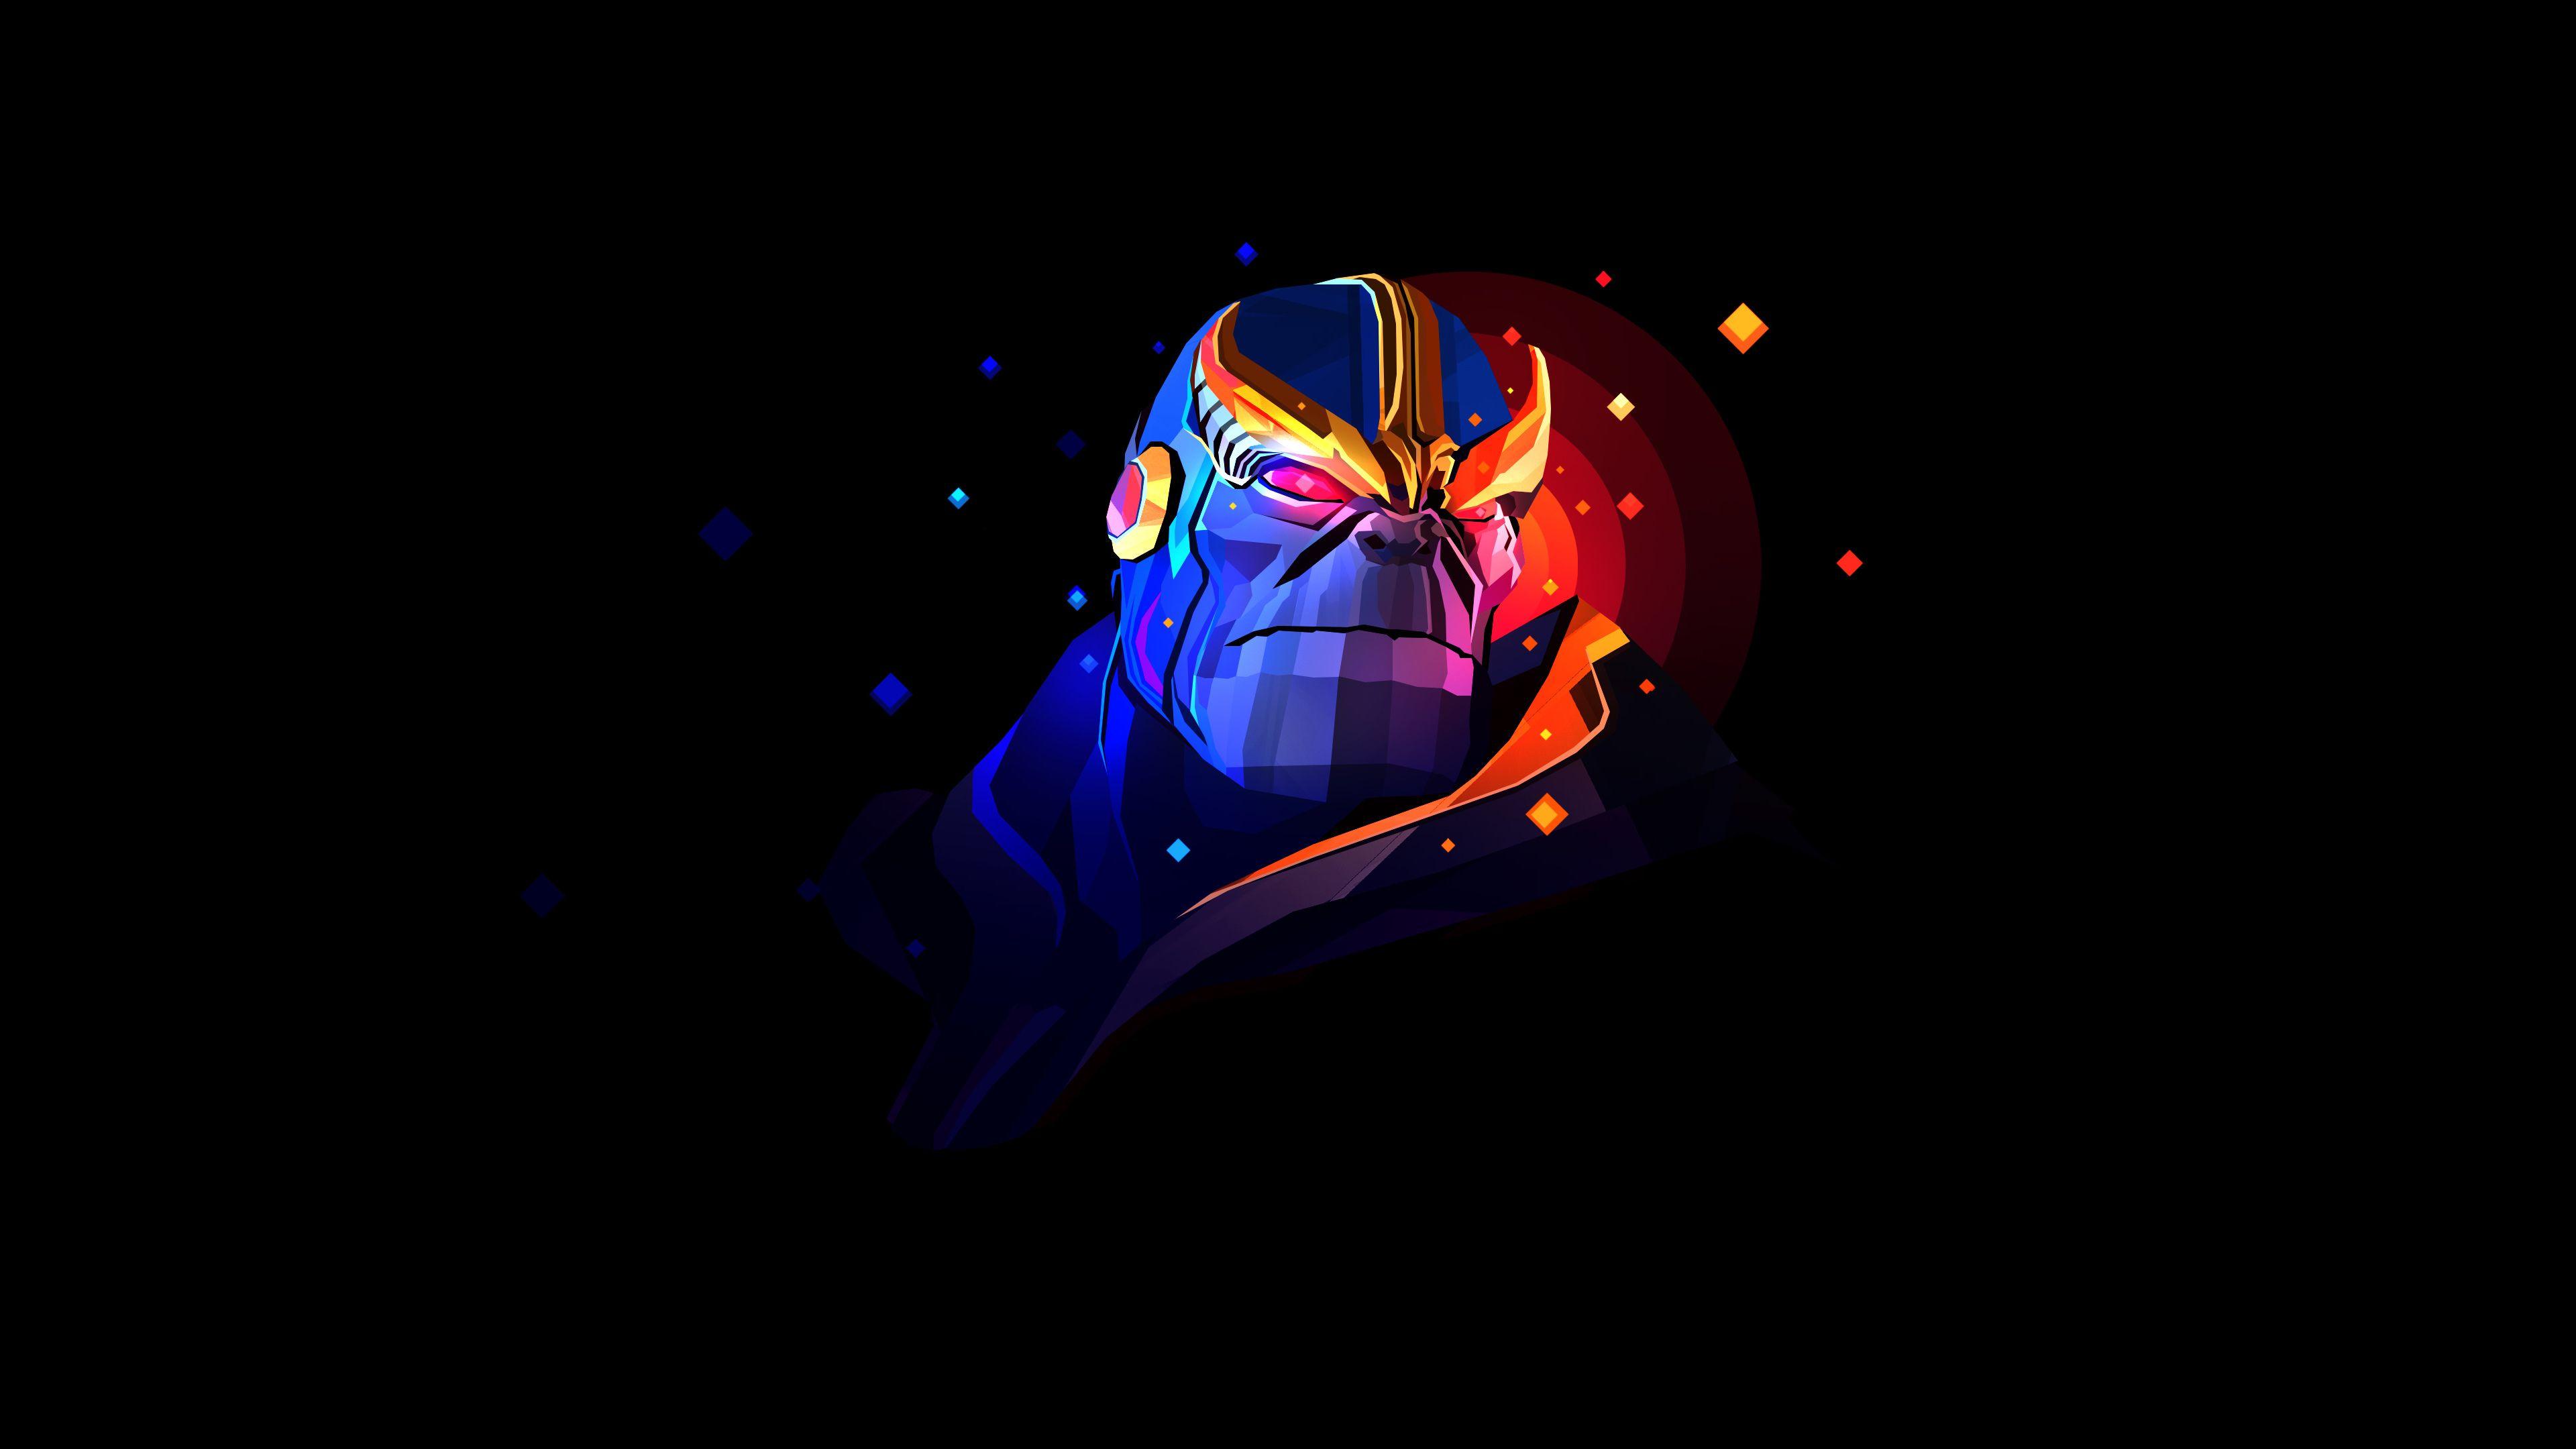 Thanos Digital Art Graphics Wallpaper 4k Background Justin Maller Wallpapers Graphic Wallpaper Justin Maller